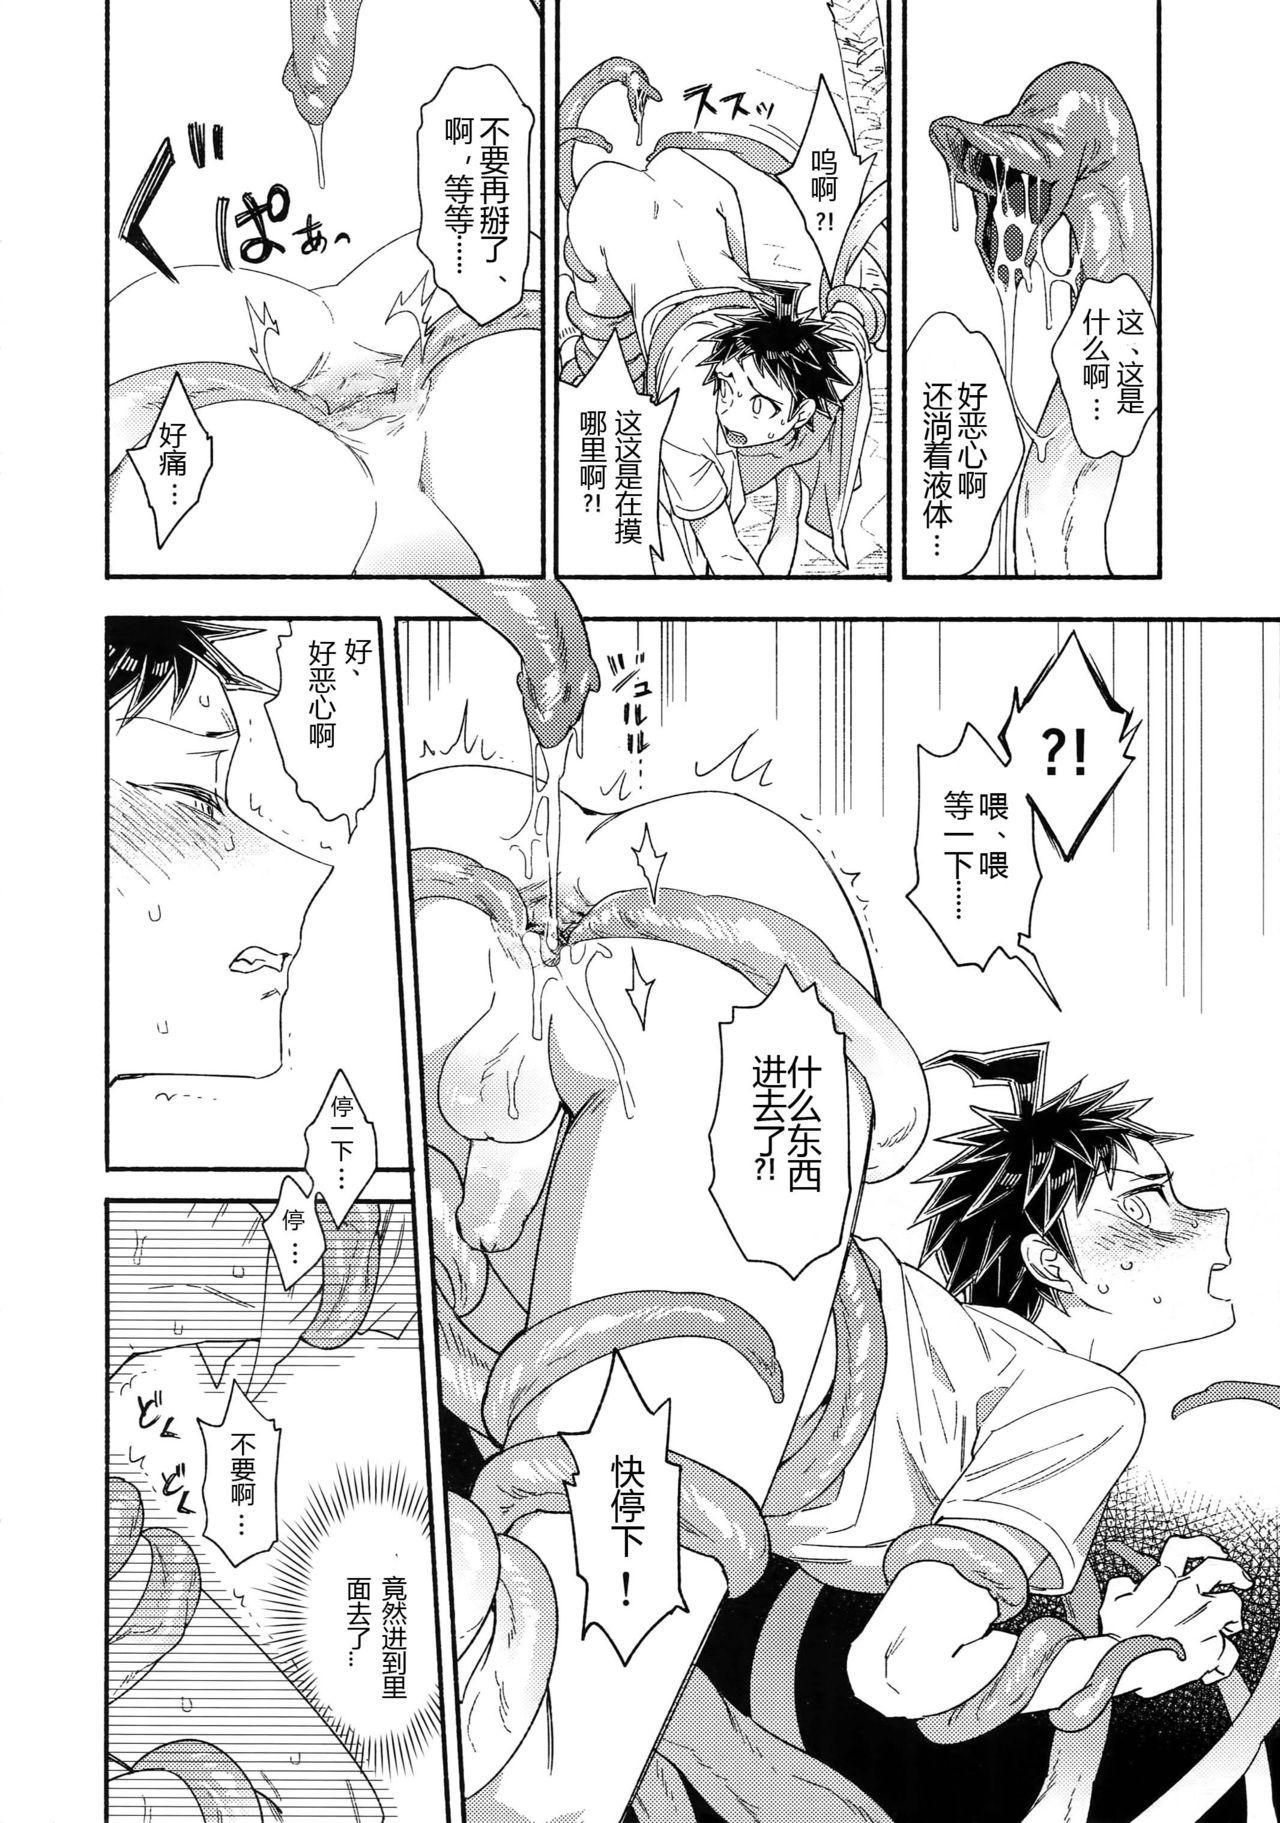 Tsunaide! Shokushu-kun! 连接吧!触手君! 10